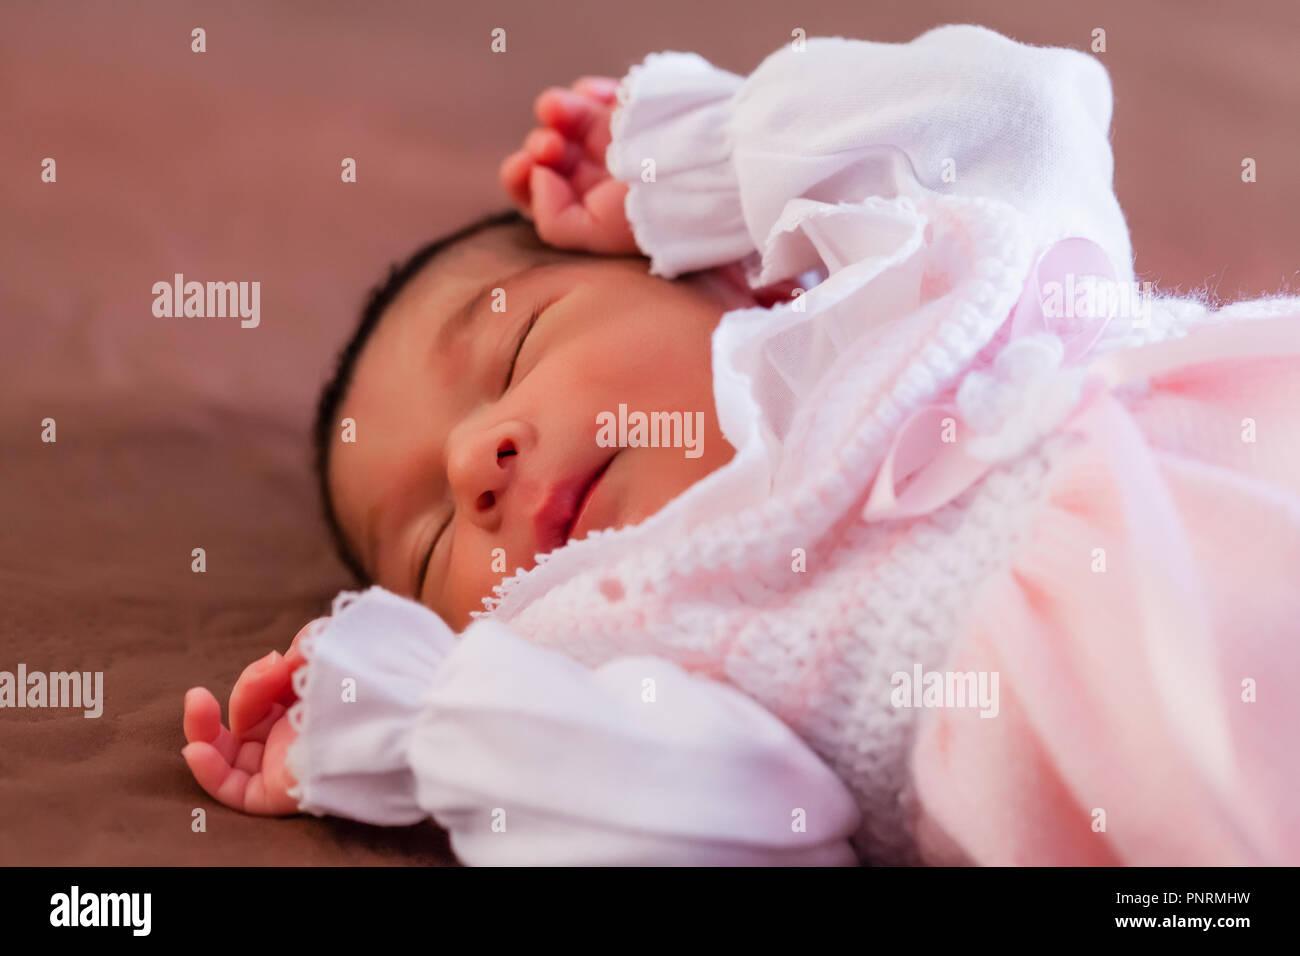 Carino a due settimane bambino neonato bambina indossa morbida maglia rosa vestiti, dormire serenamente nel letto Immagini Stock